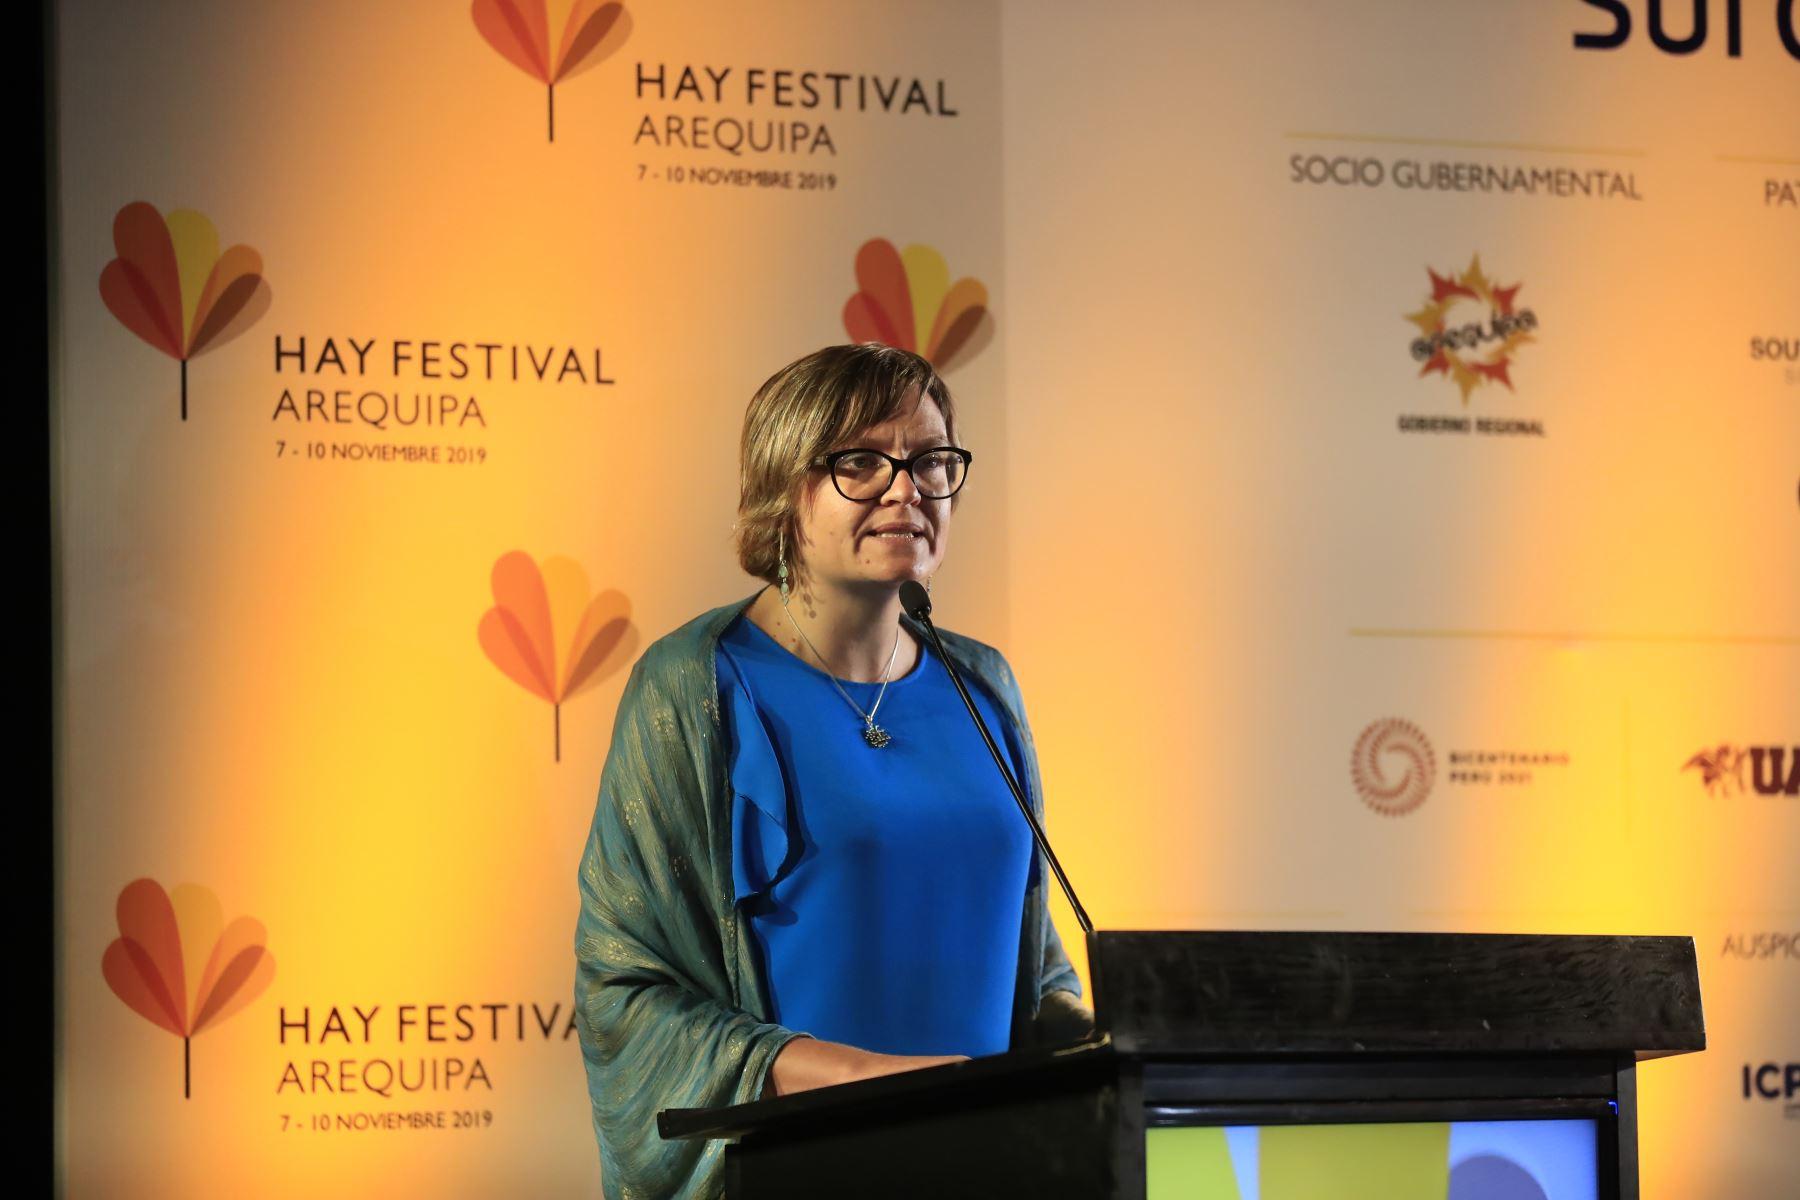 Embajadora Británica, Kate Harrisson, durante el lanzamiento del Hay Festival.  Foto: Andina/Juan Carlos Guzman Negrini